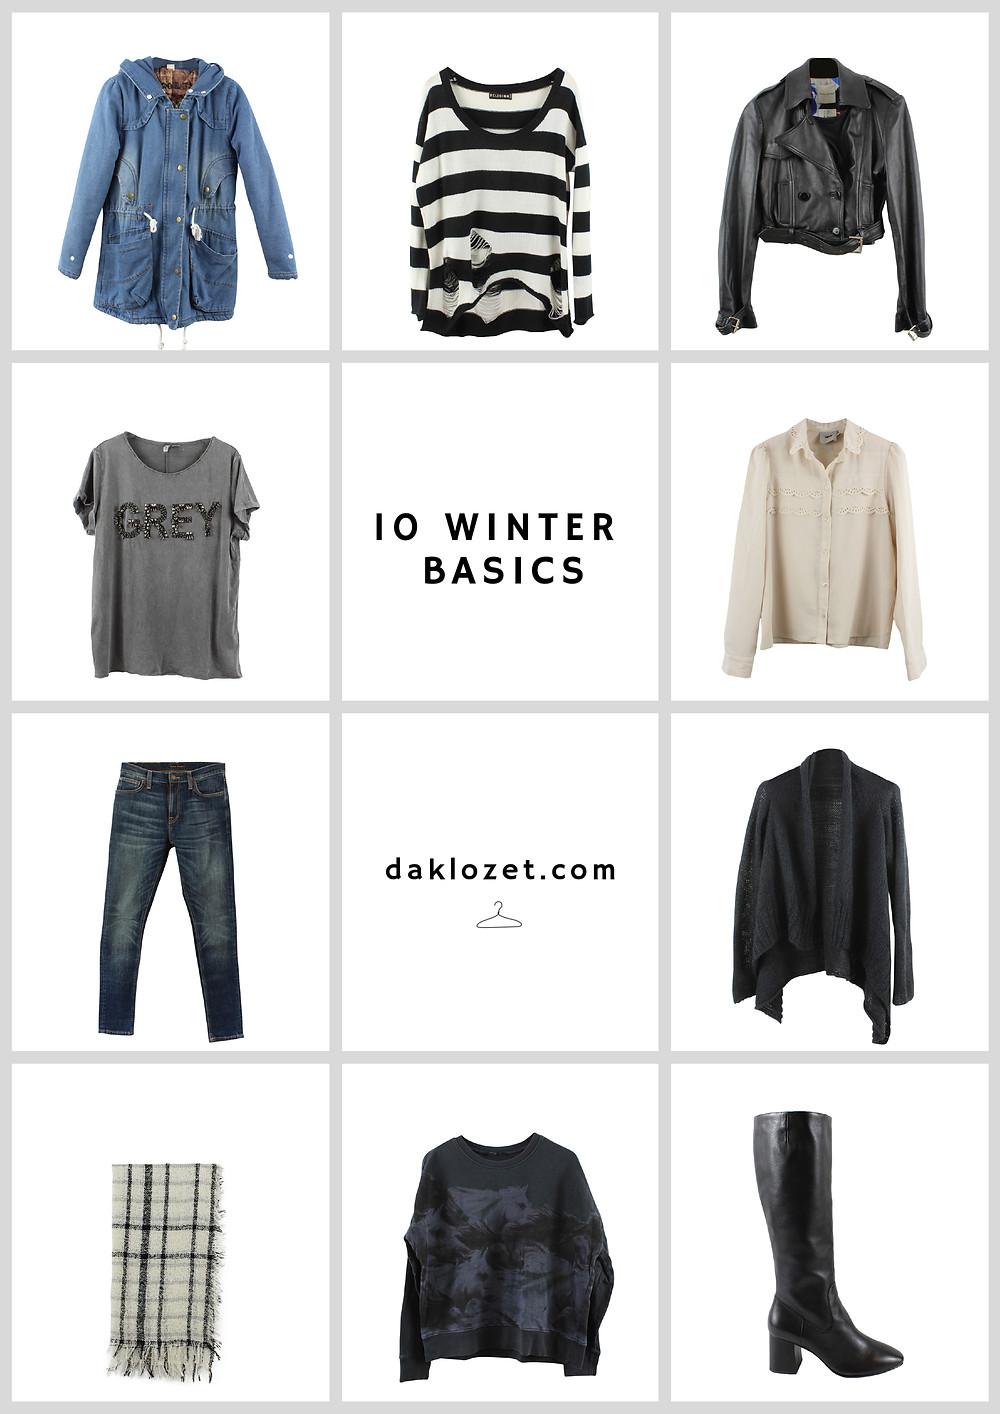 10 פריטי בייסיק שחייבים בארון בעונת החורף שהגיעה עלינו בברכה, שיהוו בסיס חזק לארונך כך שתמיד יהיה לך מה ללבוש